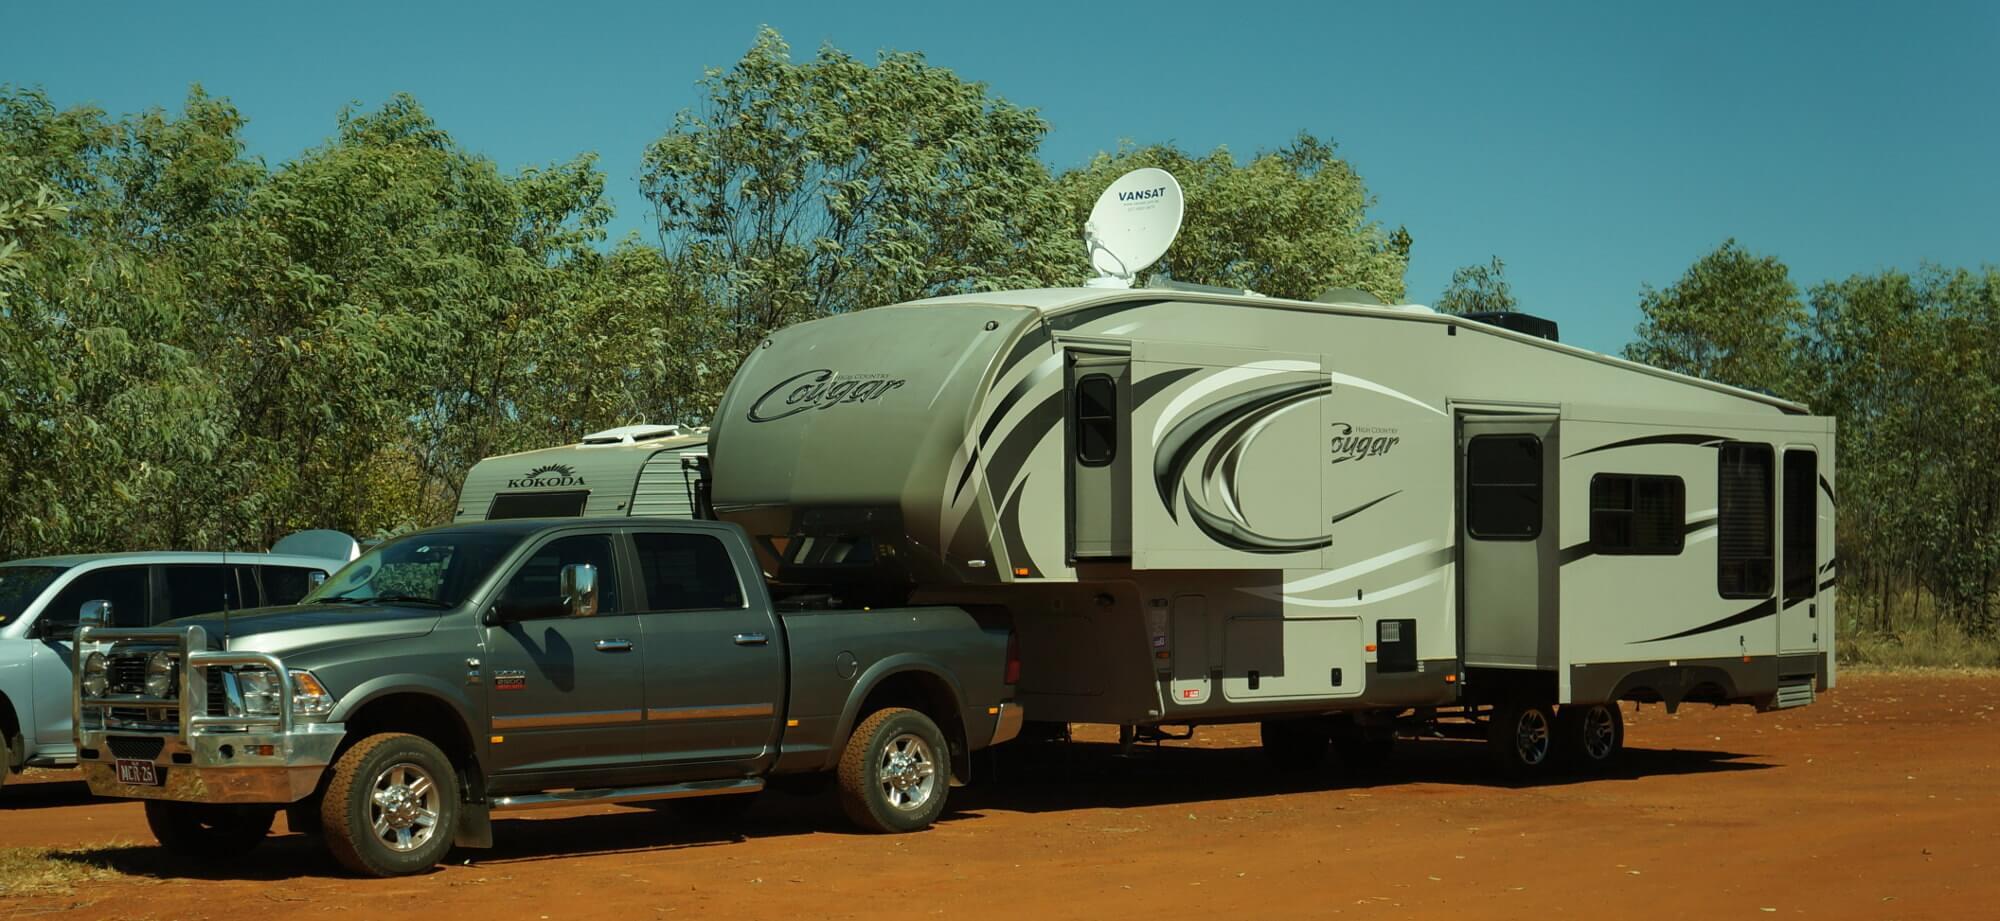 australia-outback-przyczepa-gigant